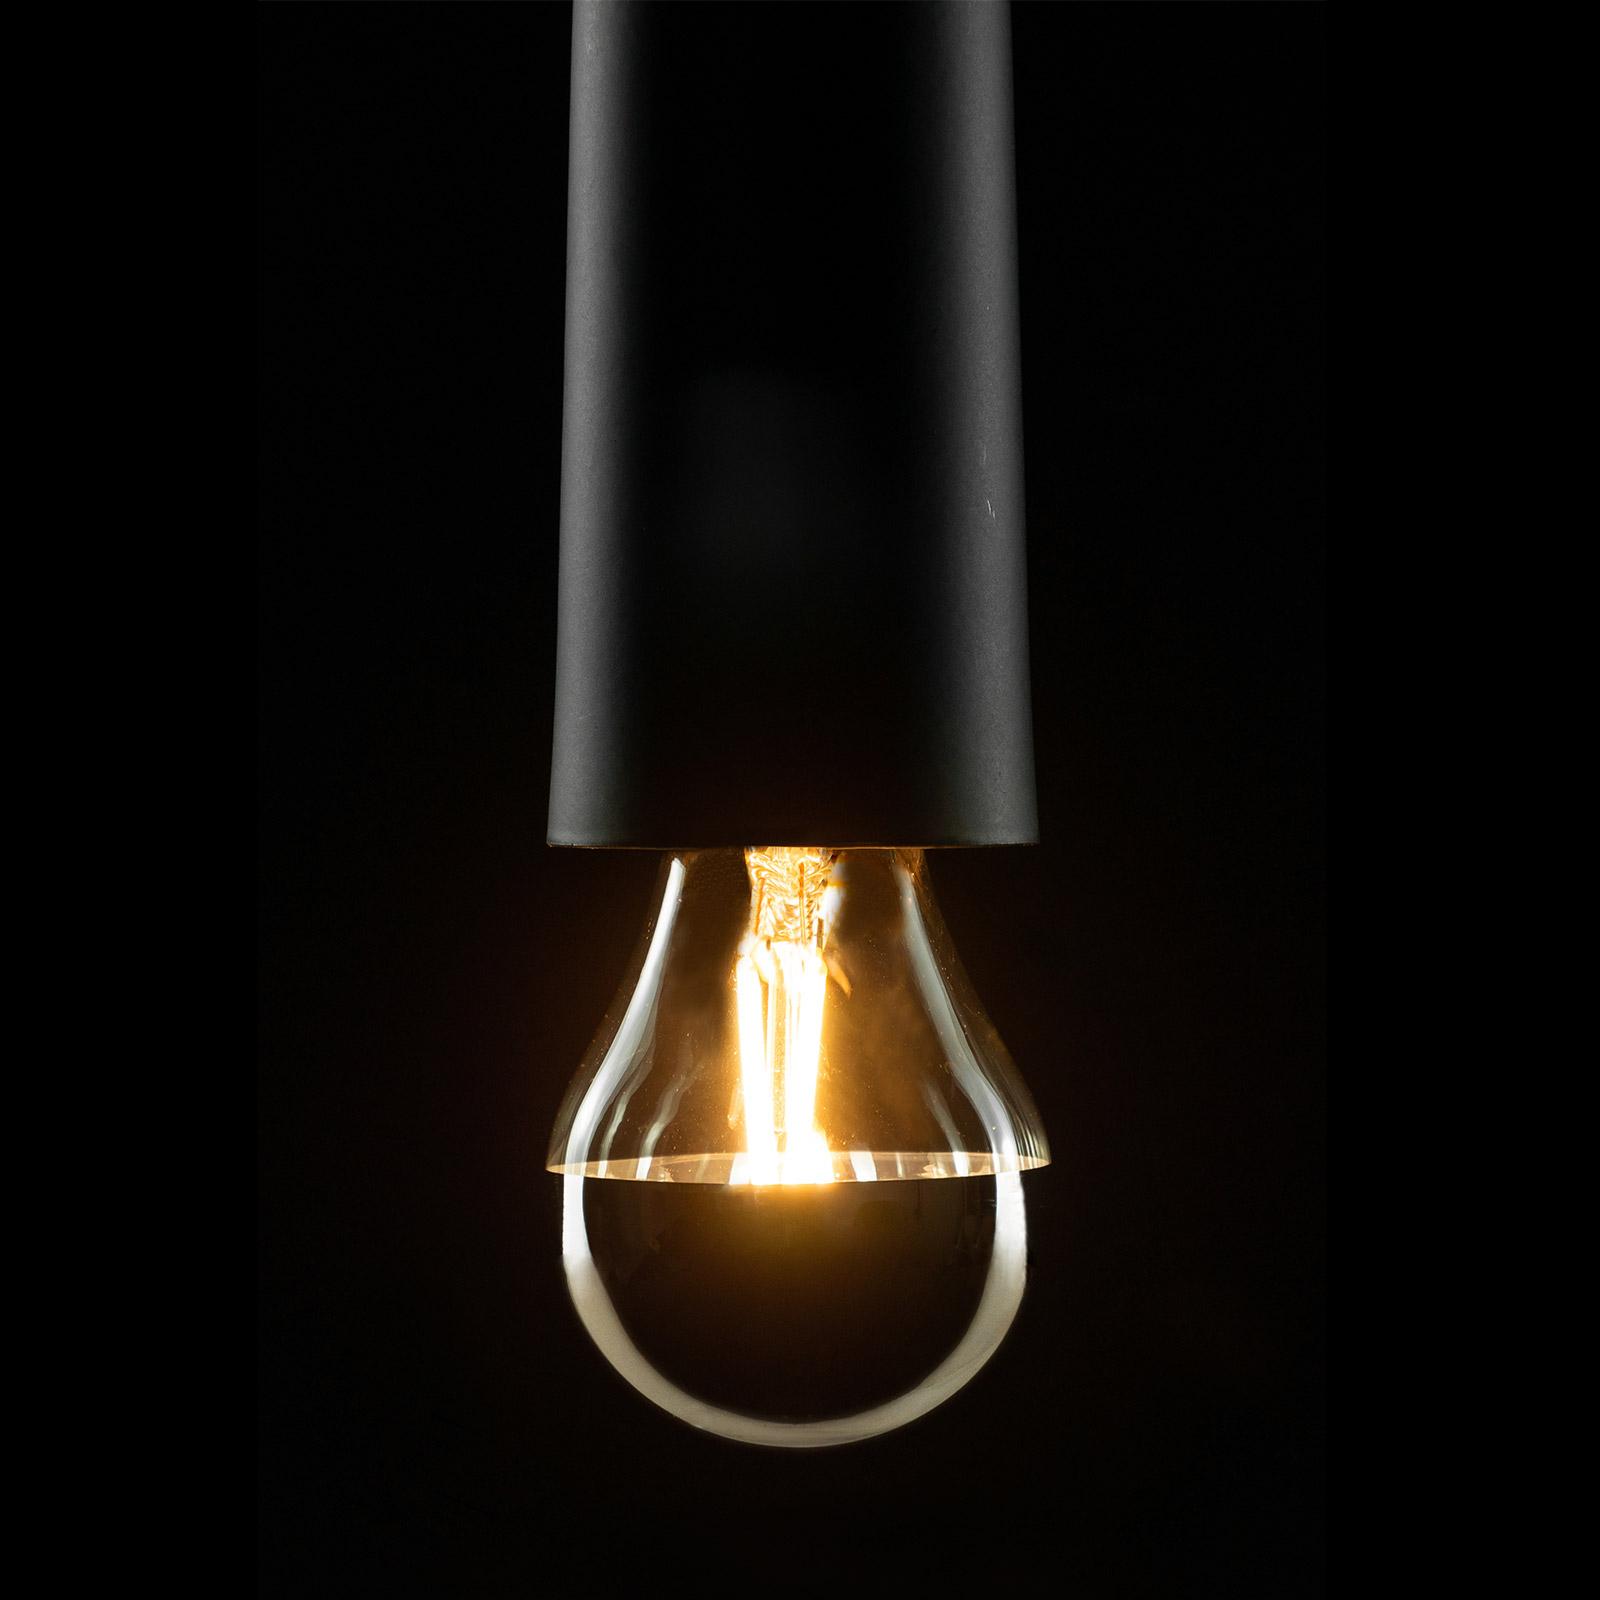 E14 2,7W LED-belysning med speilhode varmhvit